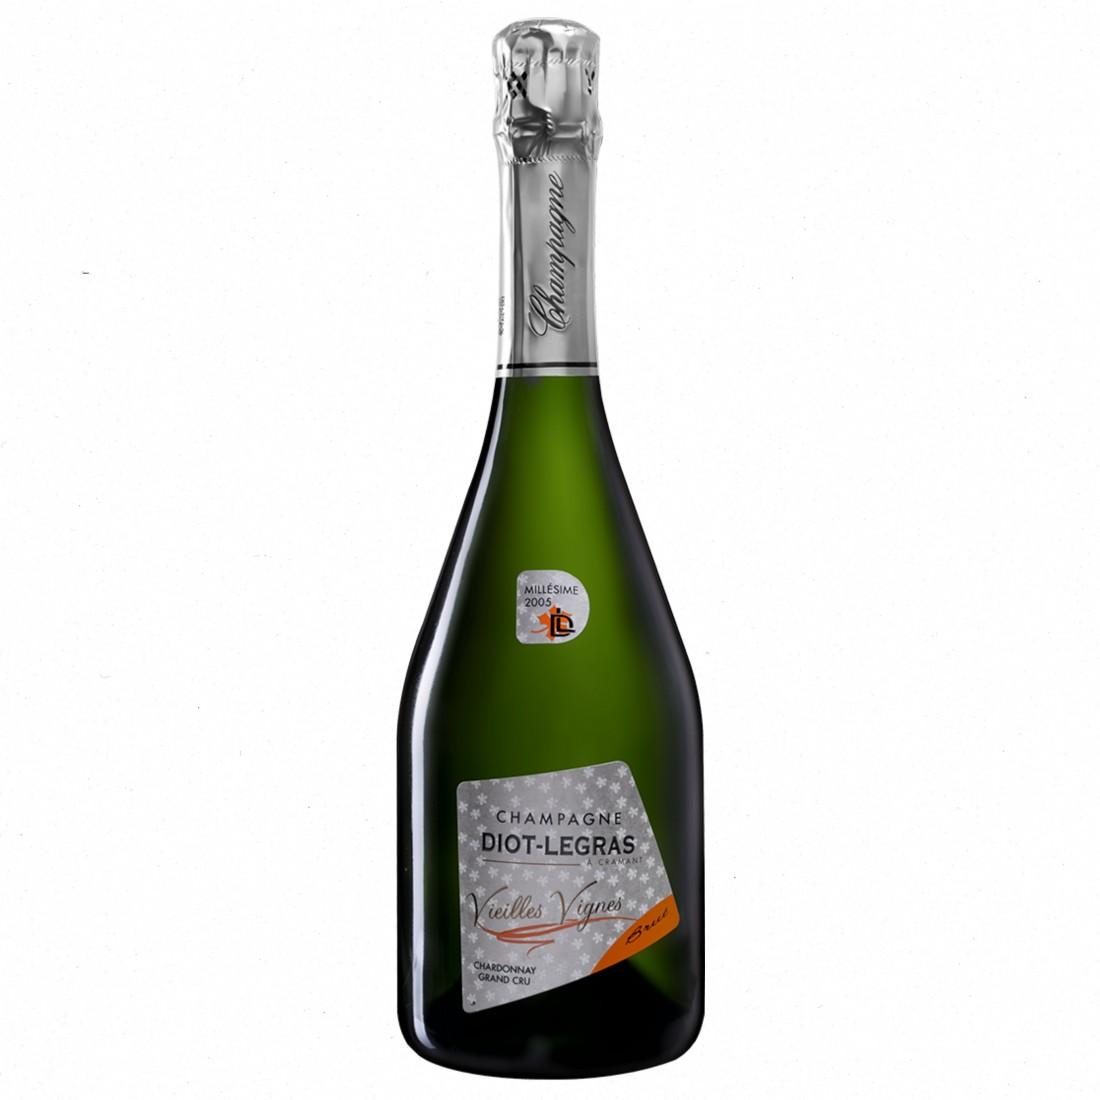 Diot-Legras Vieilles Vignes 2007 Grand Cru-31